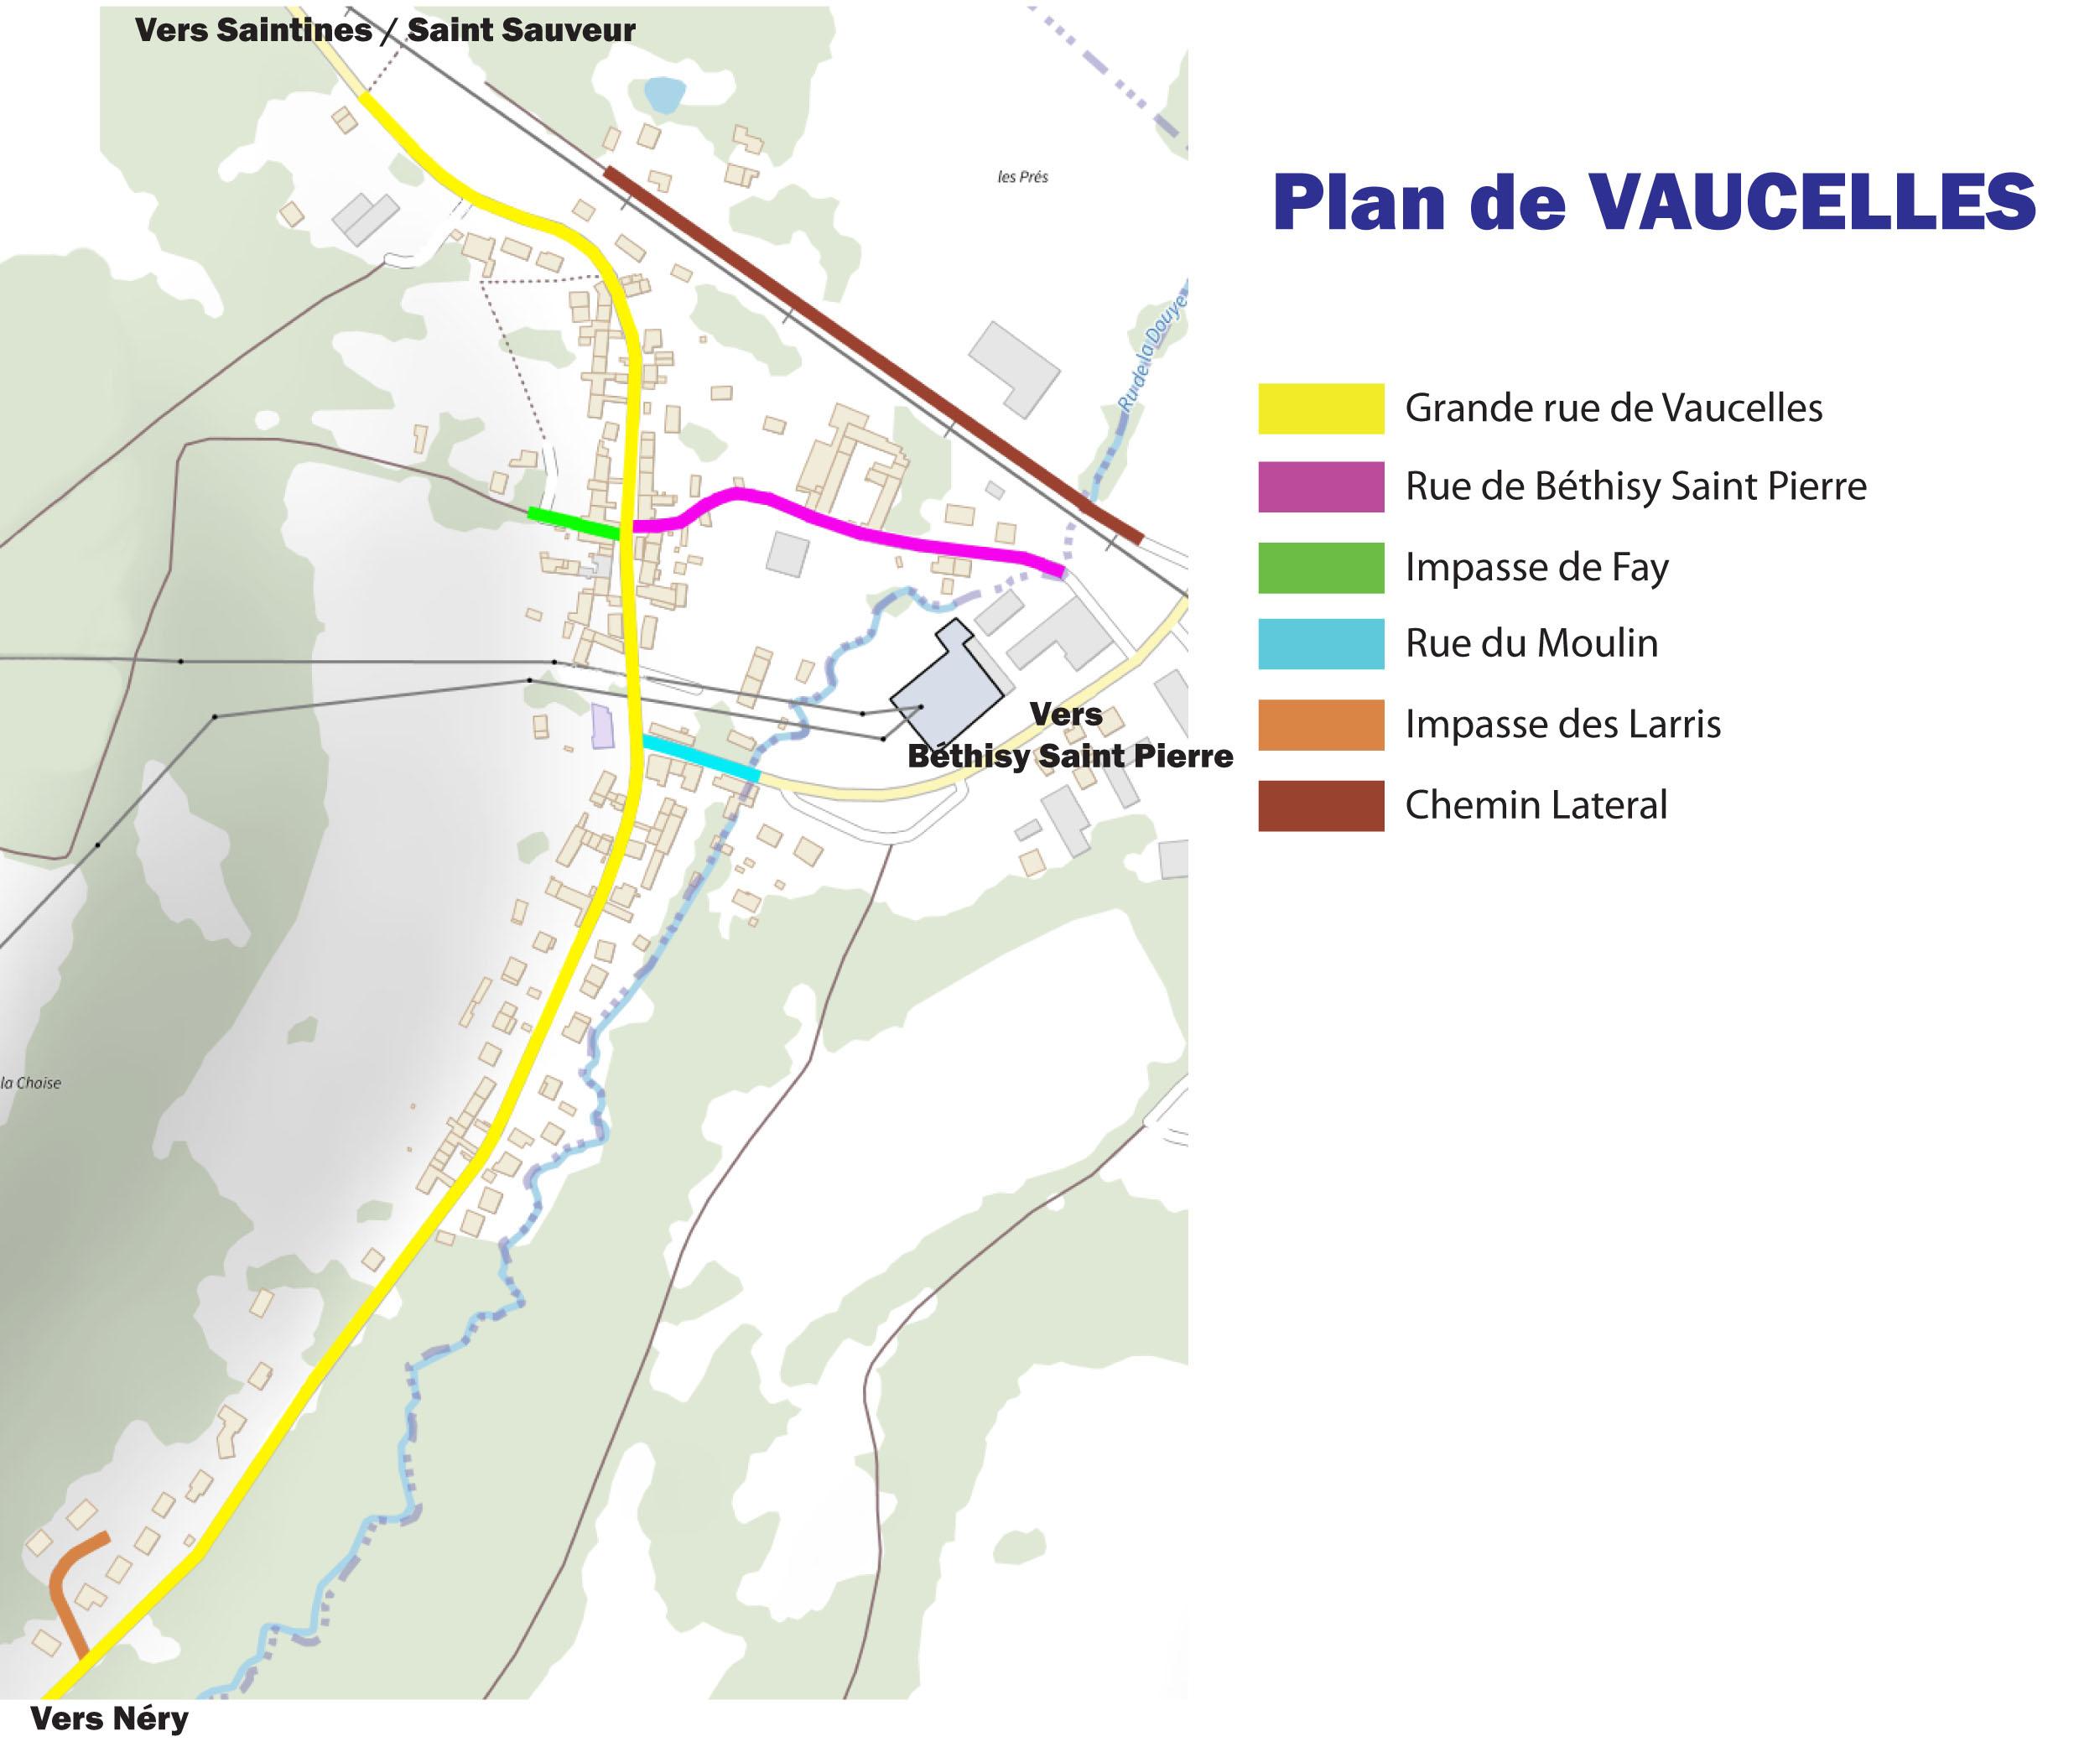 Plan de Vaucelles.jpg